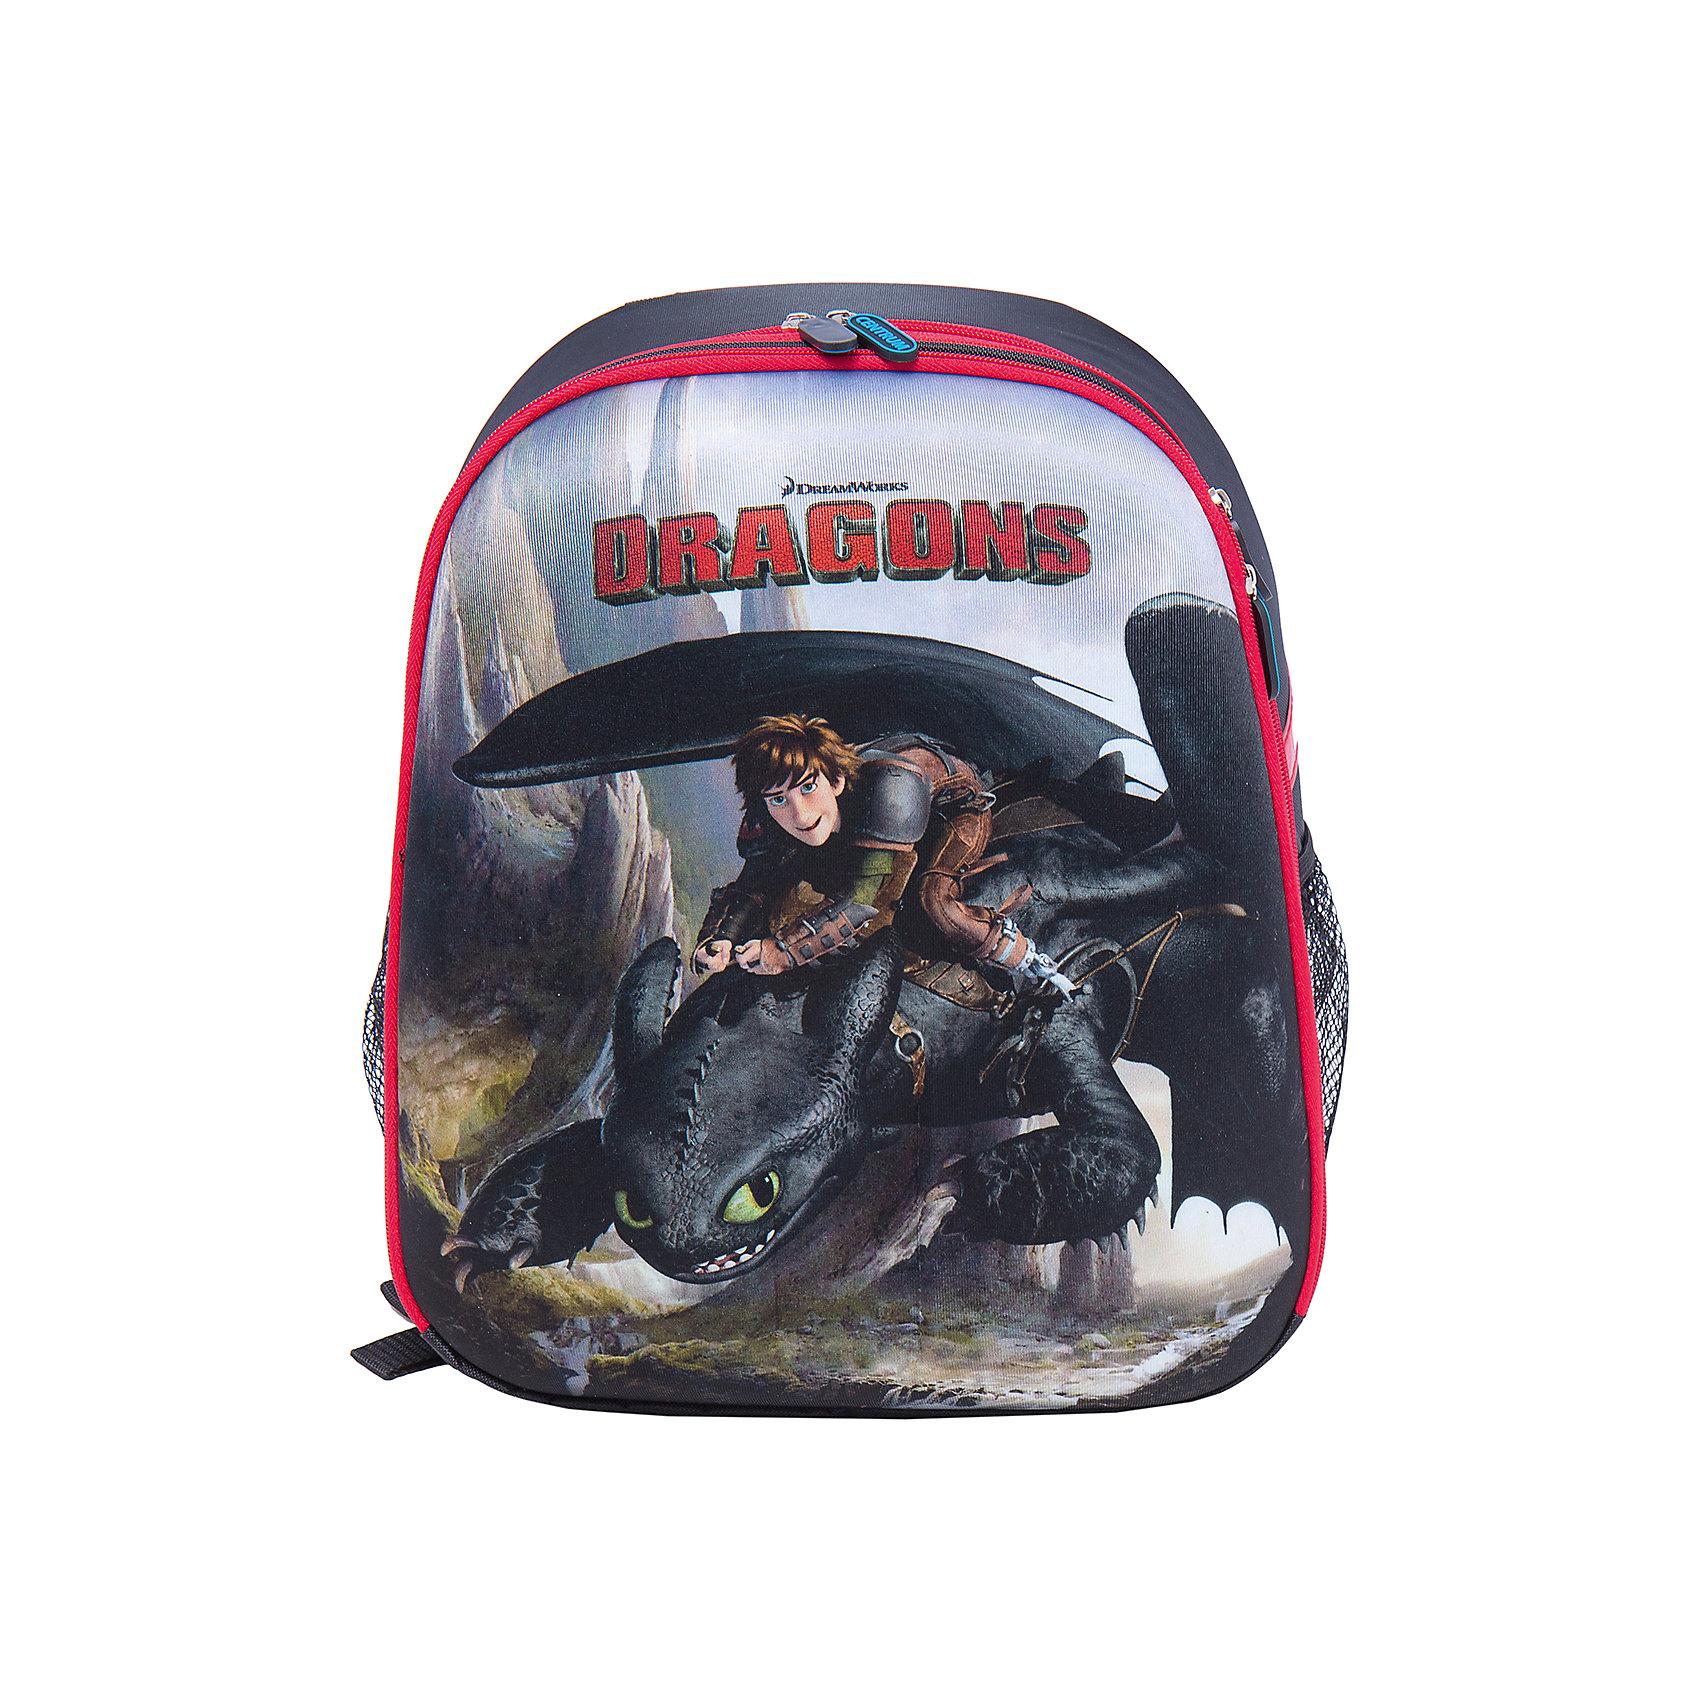 Школьный рюкзак ДраконыРюкзак  с изображением дракона из мультфильма идеально подходит для похода ребенка в школу. Он очень стильно выглядит и может вместить в себя всё необходимое для занятий. Главное - у него жесткая ортопедическая спинка, позволяющая формировать у ребенка правильную осанку, передняя и боковые части - вспененный формованный микропористый полимер, жесткое ударопрочное дно, пластиковые ножки.<br>В рюкзаке - два больших отделения, также есть два удобных боковых кармана. Изделие дополнено светоотражающими элементами для повышения безопасности ребенка. На рюкзаке - удобные широкие лямки, петля, ручка для переноса. Застегивается на молнию. Изделие произведено из качественных и безопасных для ребенка материалов.<br><br>Дополнительная информация:<br><br>цвет: разноцветный;<br>материал: нейлон, полиэстер;<br>вес: 900 г;<br>широкие лямки;<br>жесткая ортопедическая спинка;<br>жесткое ударопрочное дно;<br>пластиковые ножки;<br>боковые карманы.<br><br>Школьный рюкзак Драконы можно купить в нашем магазине.<br><br>Ширина мм: 170<br>Глубина мм: 315<br>Высота мм: 380<br>Вес г: 90<br>Возраст от месяцев: 72<br>Возраст до месяцев: 144<br>Пол: Мужской<br>Возраст: Детский<br>SKU: 4743944